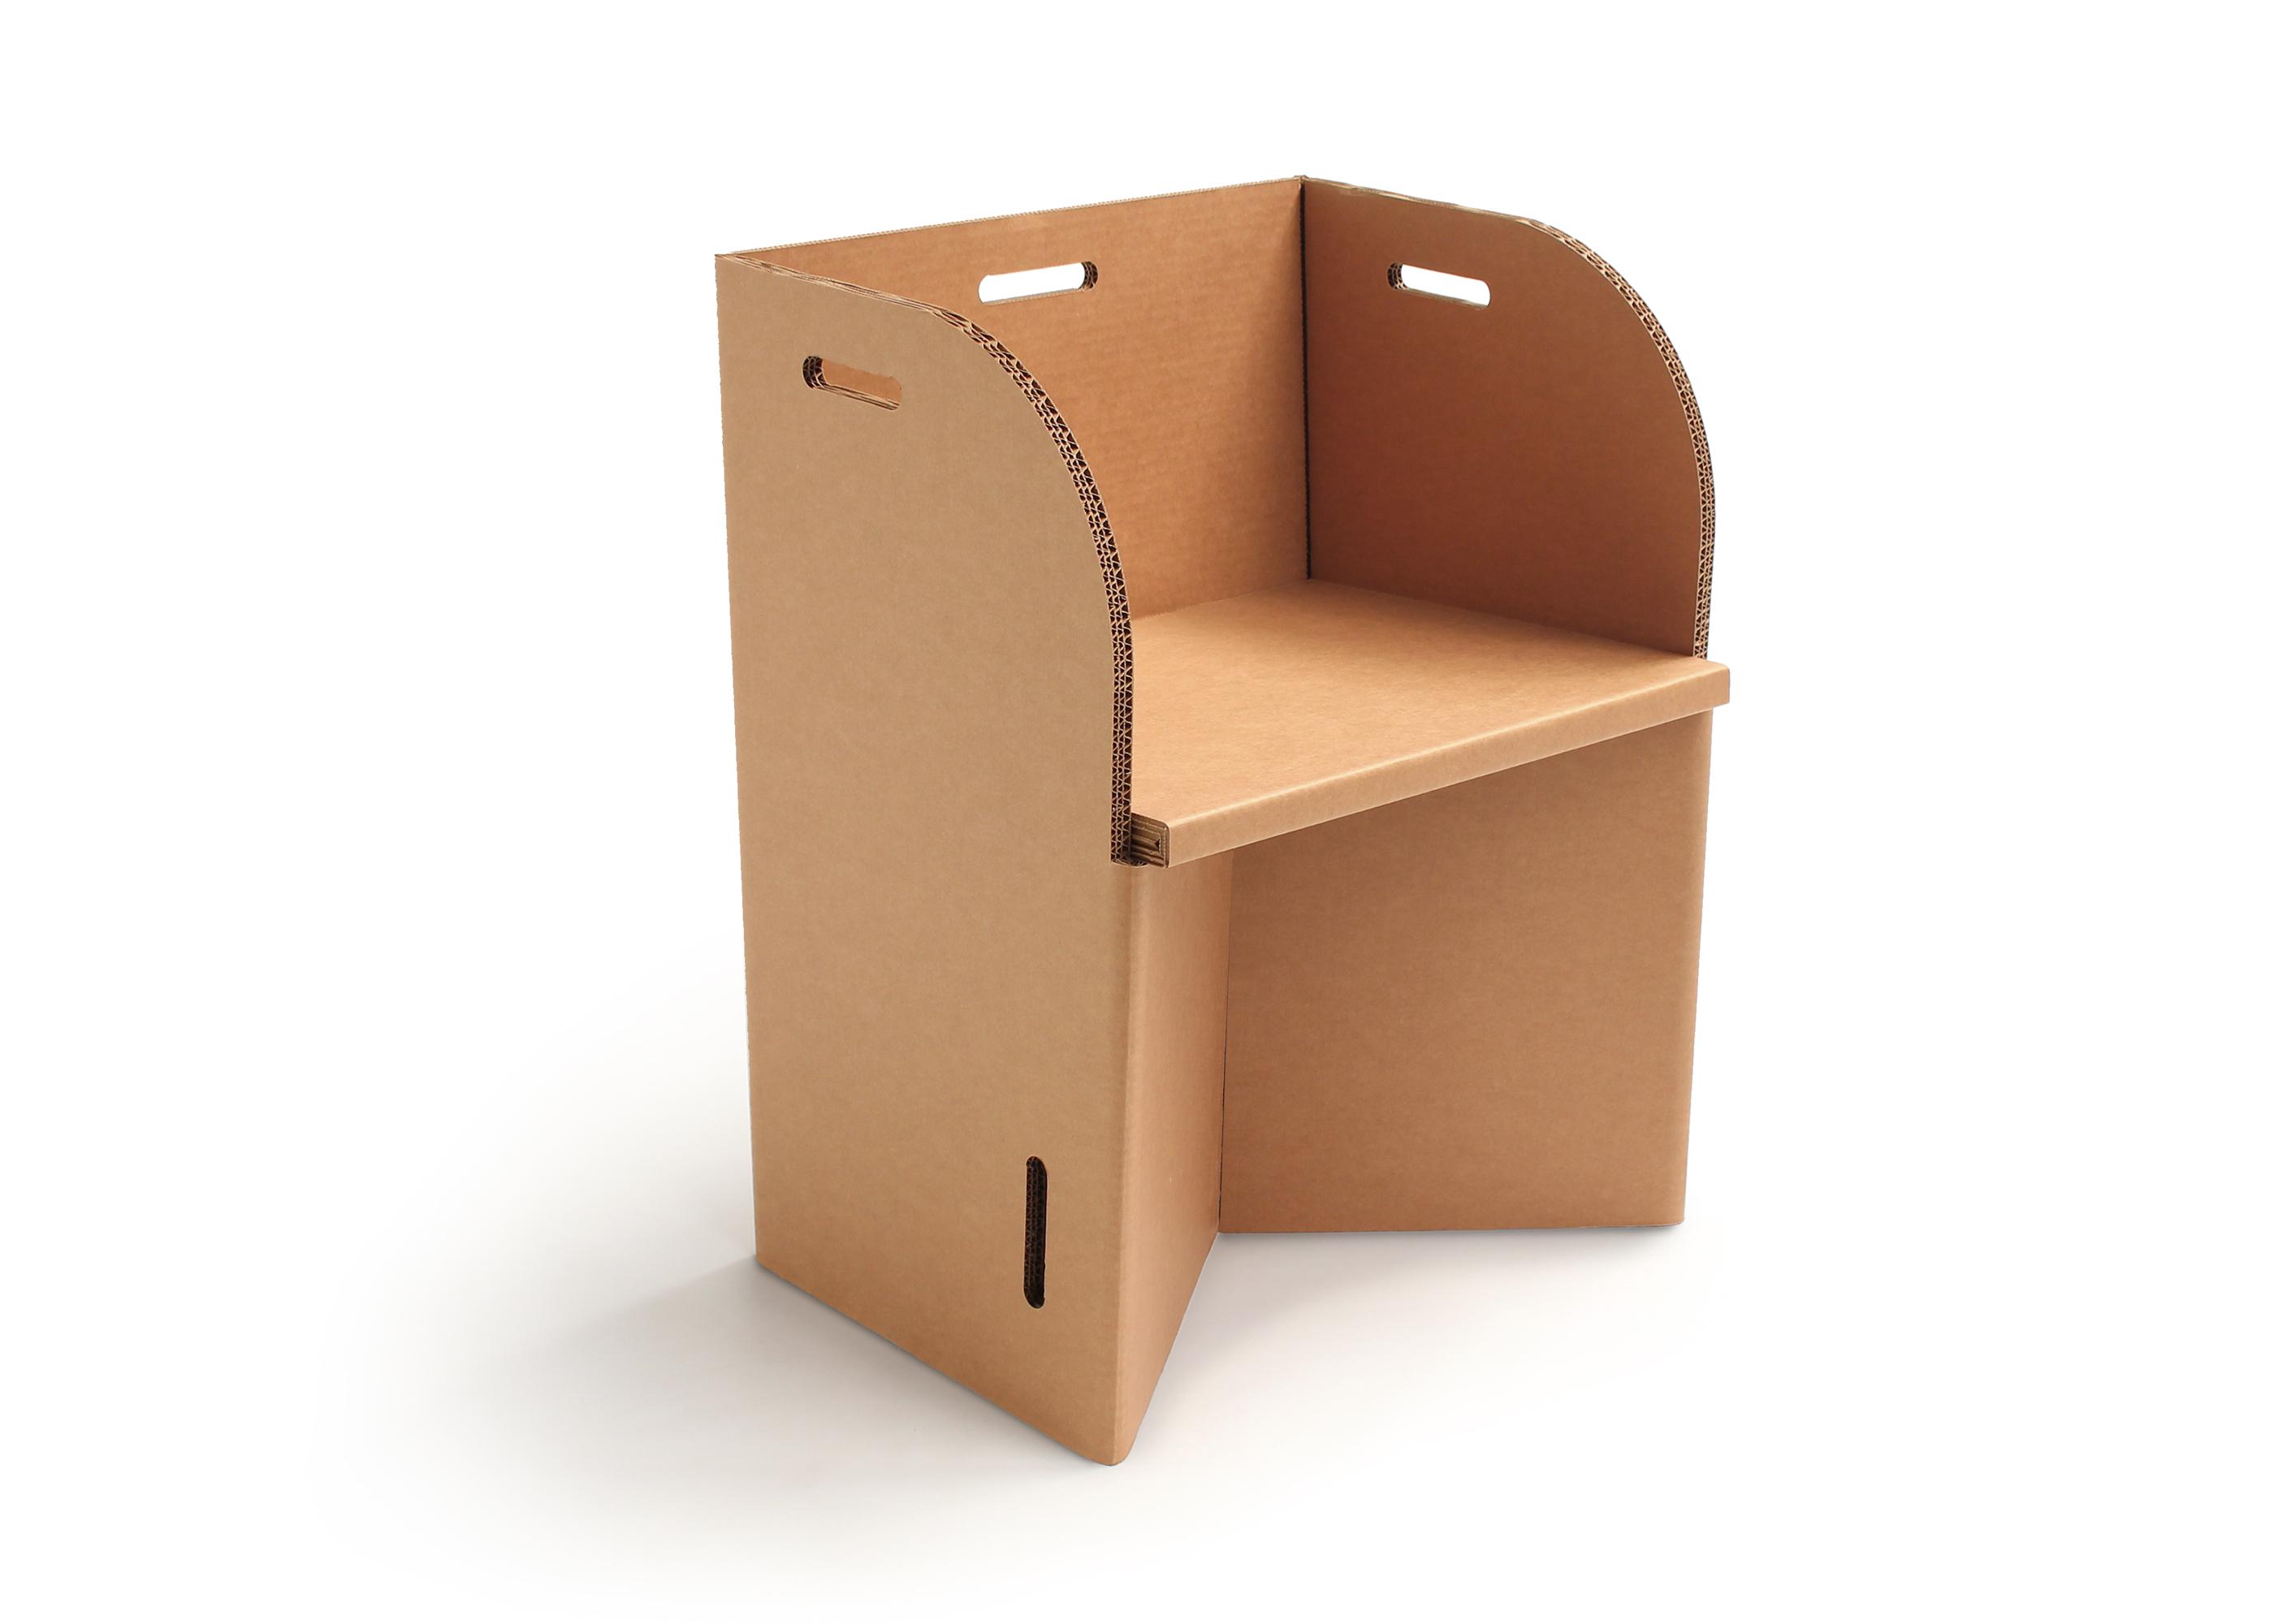 vente si ges cologiques en carton mobilier en carton montpellier 34. Black Bedroom Furniture Sets. Home Design Ideas